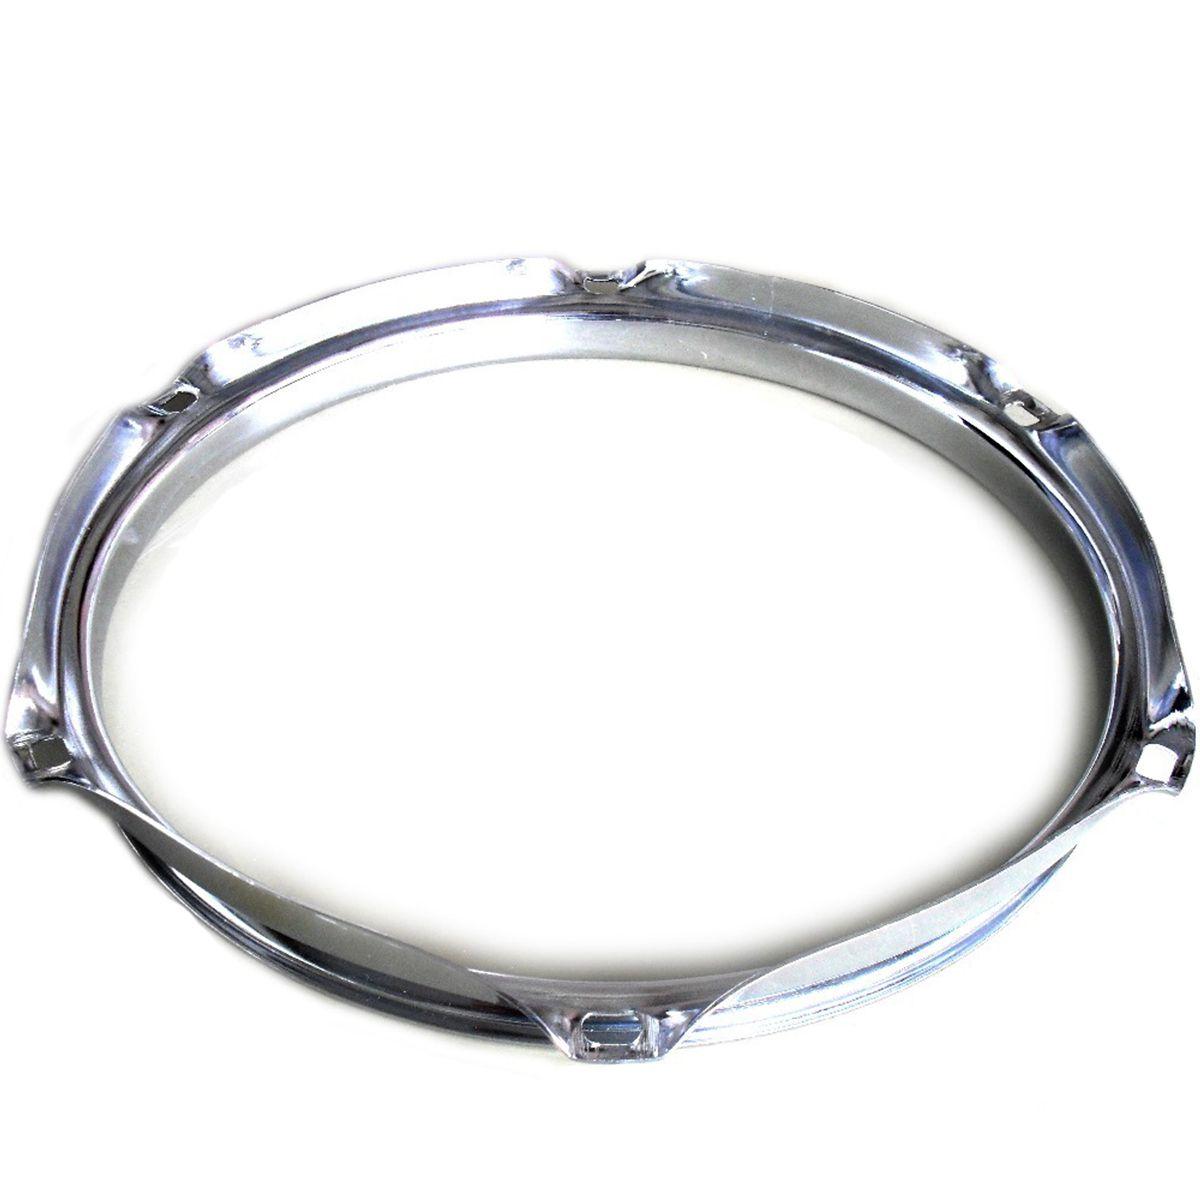 Aro de Alumínio Spanking 10 2.00mm com 06 Furos